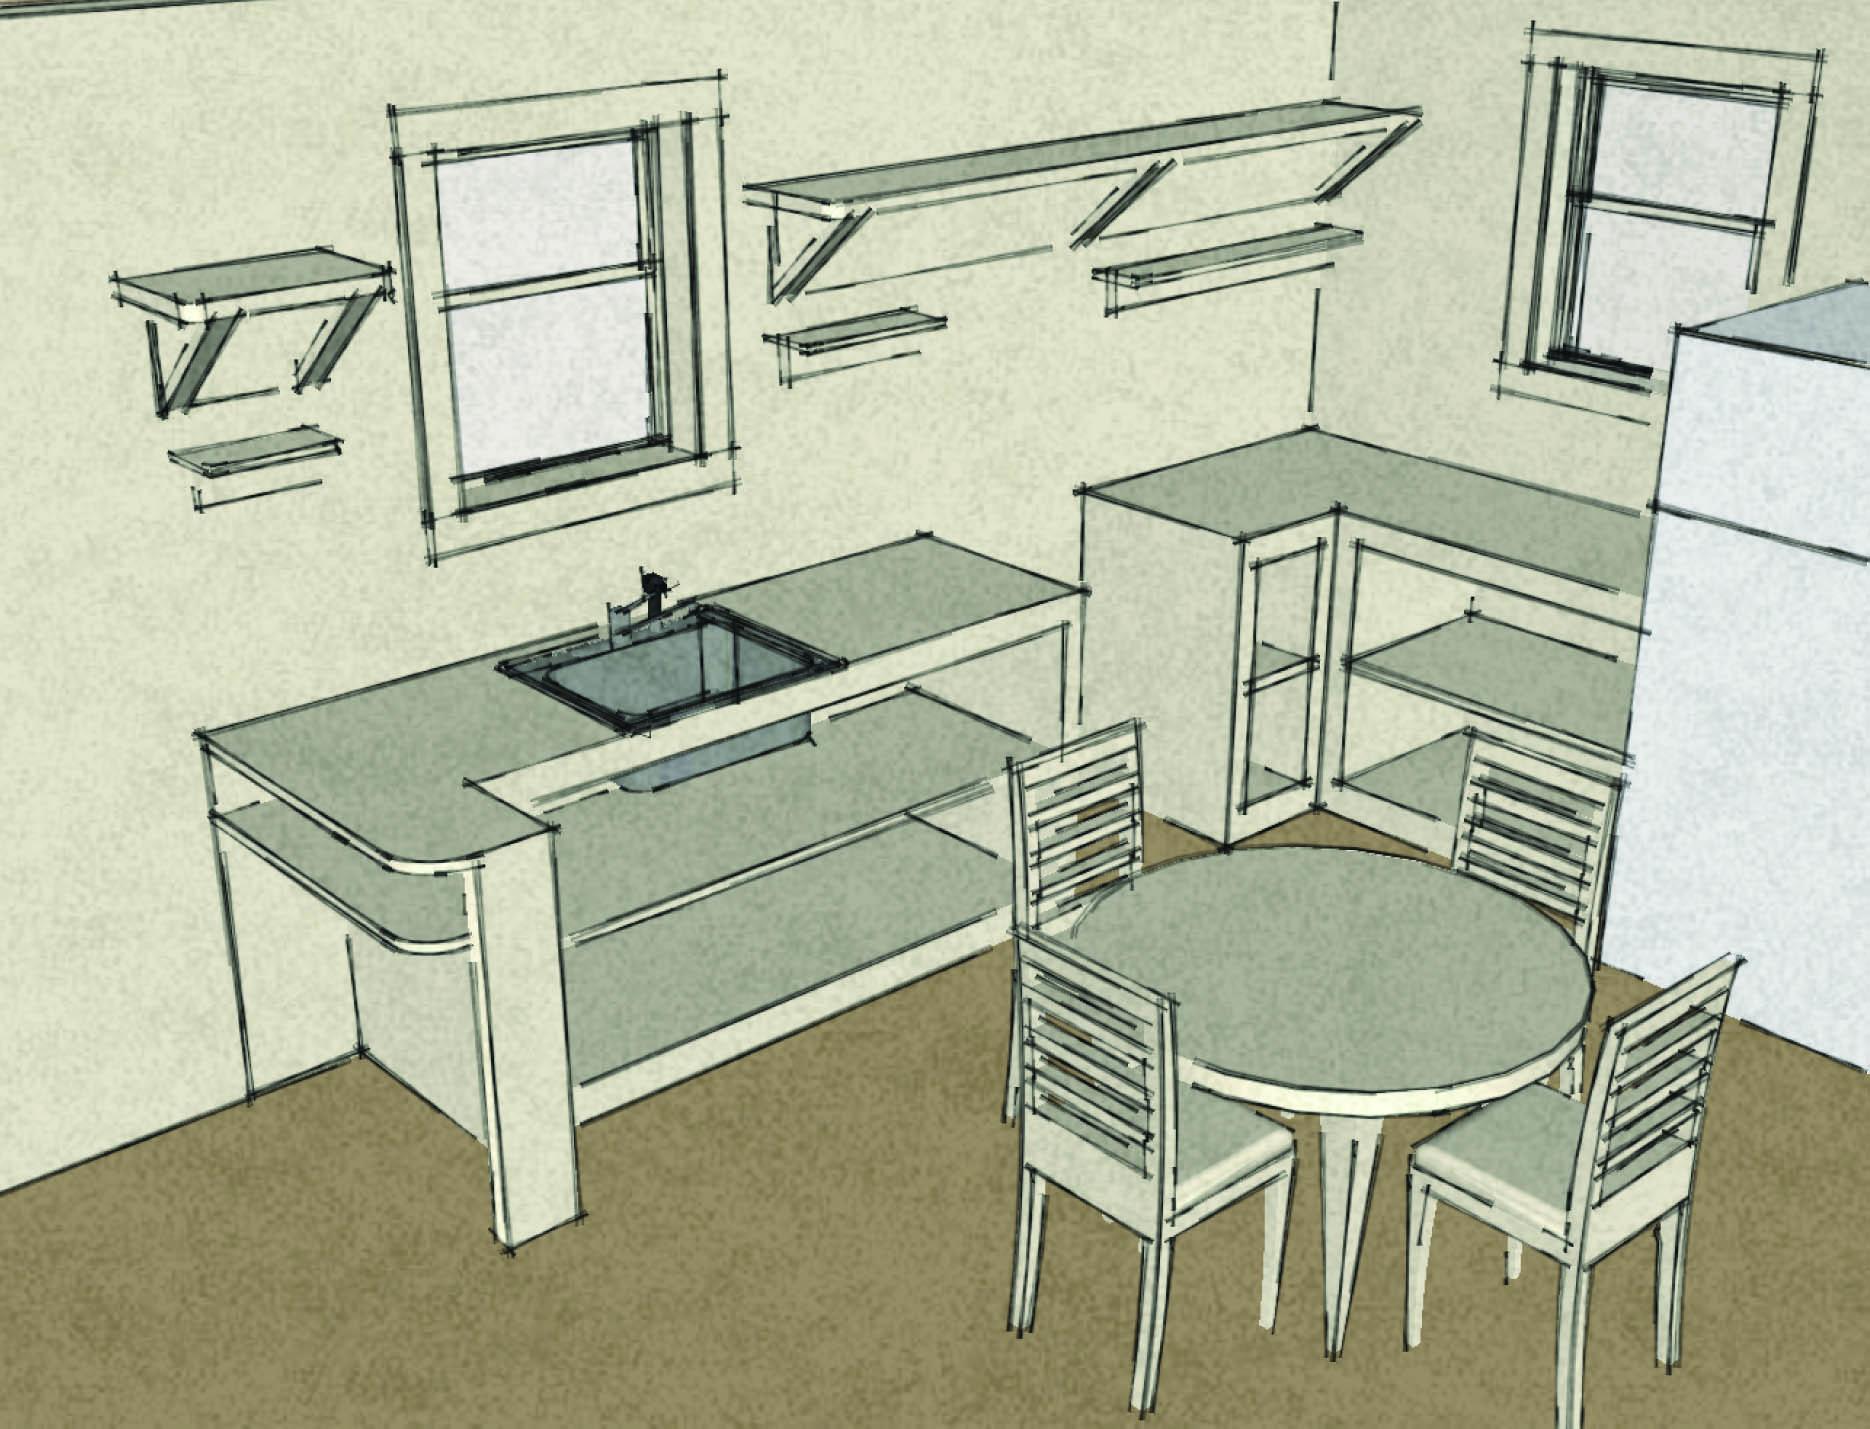 Rodruguez kitchen sketch 6.28.15 web.jpg